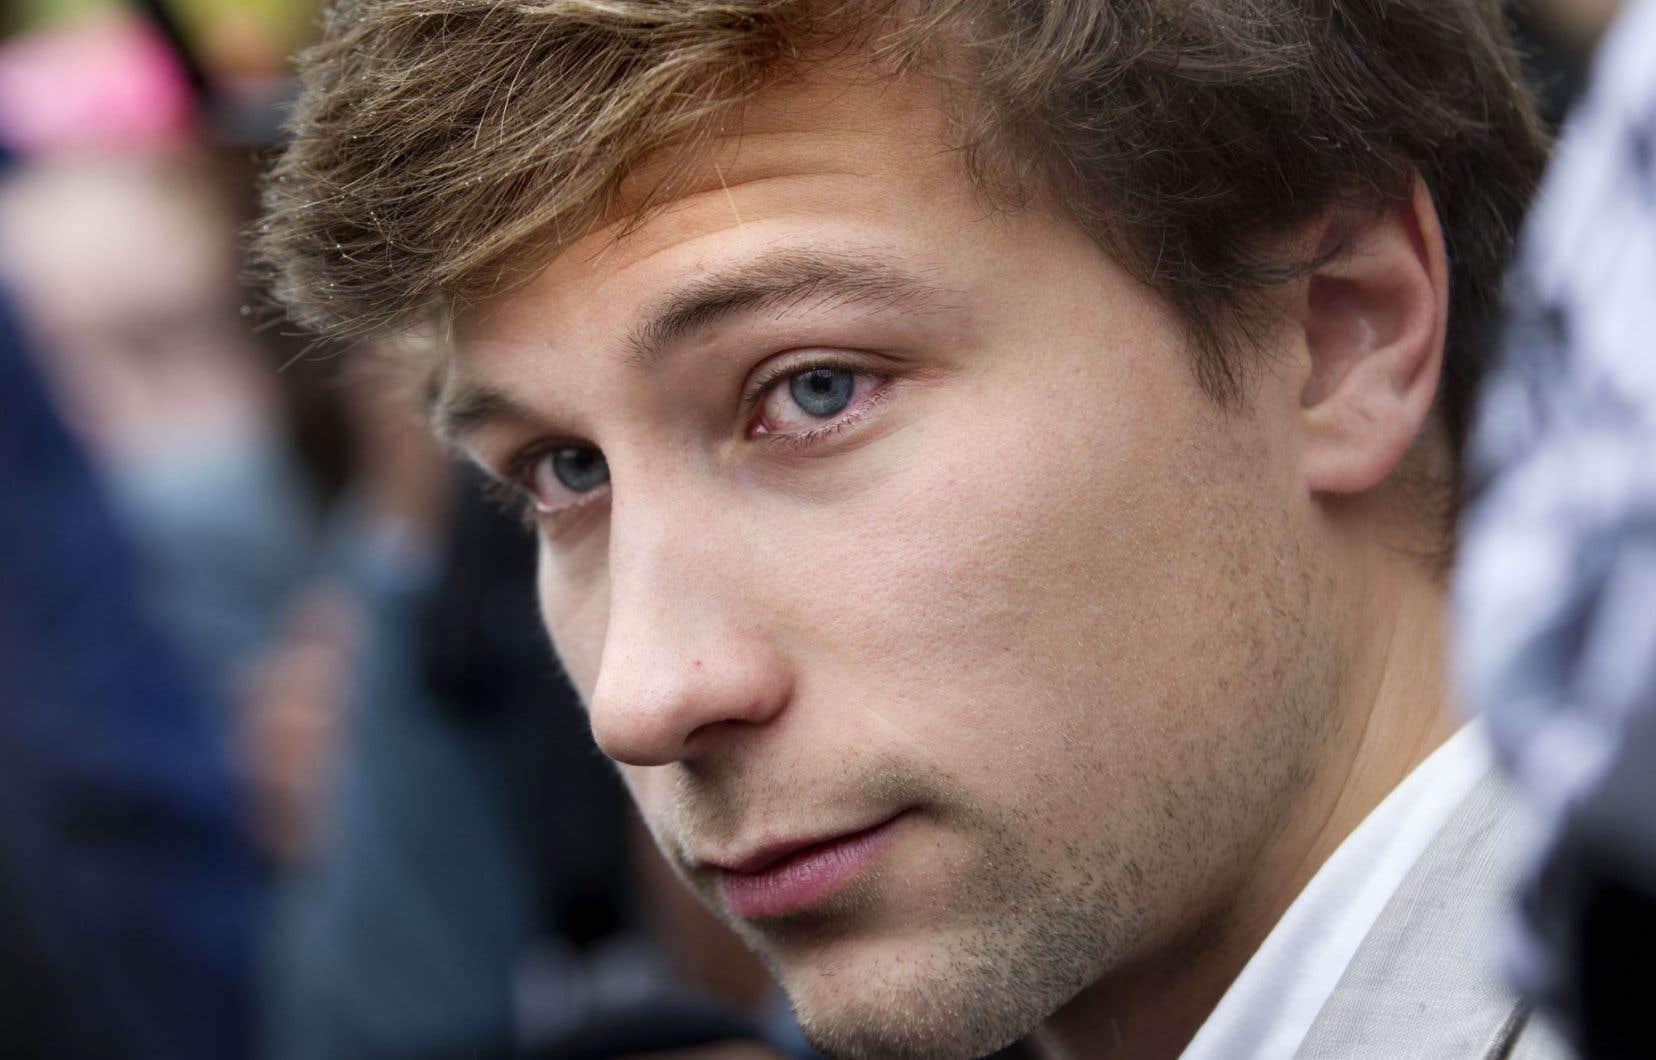 L'ex-porte-parole étudiant Gabriel Nadeau-Dubois a été acquitté par la Cour d'appel d'accusation d'outrage au tribunal.